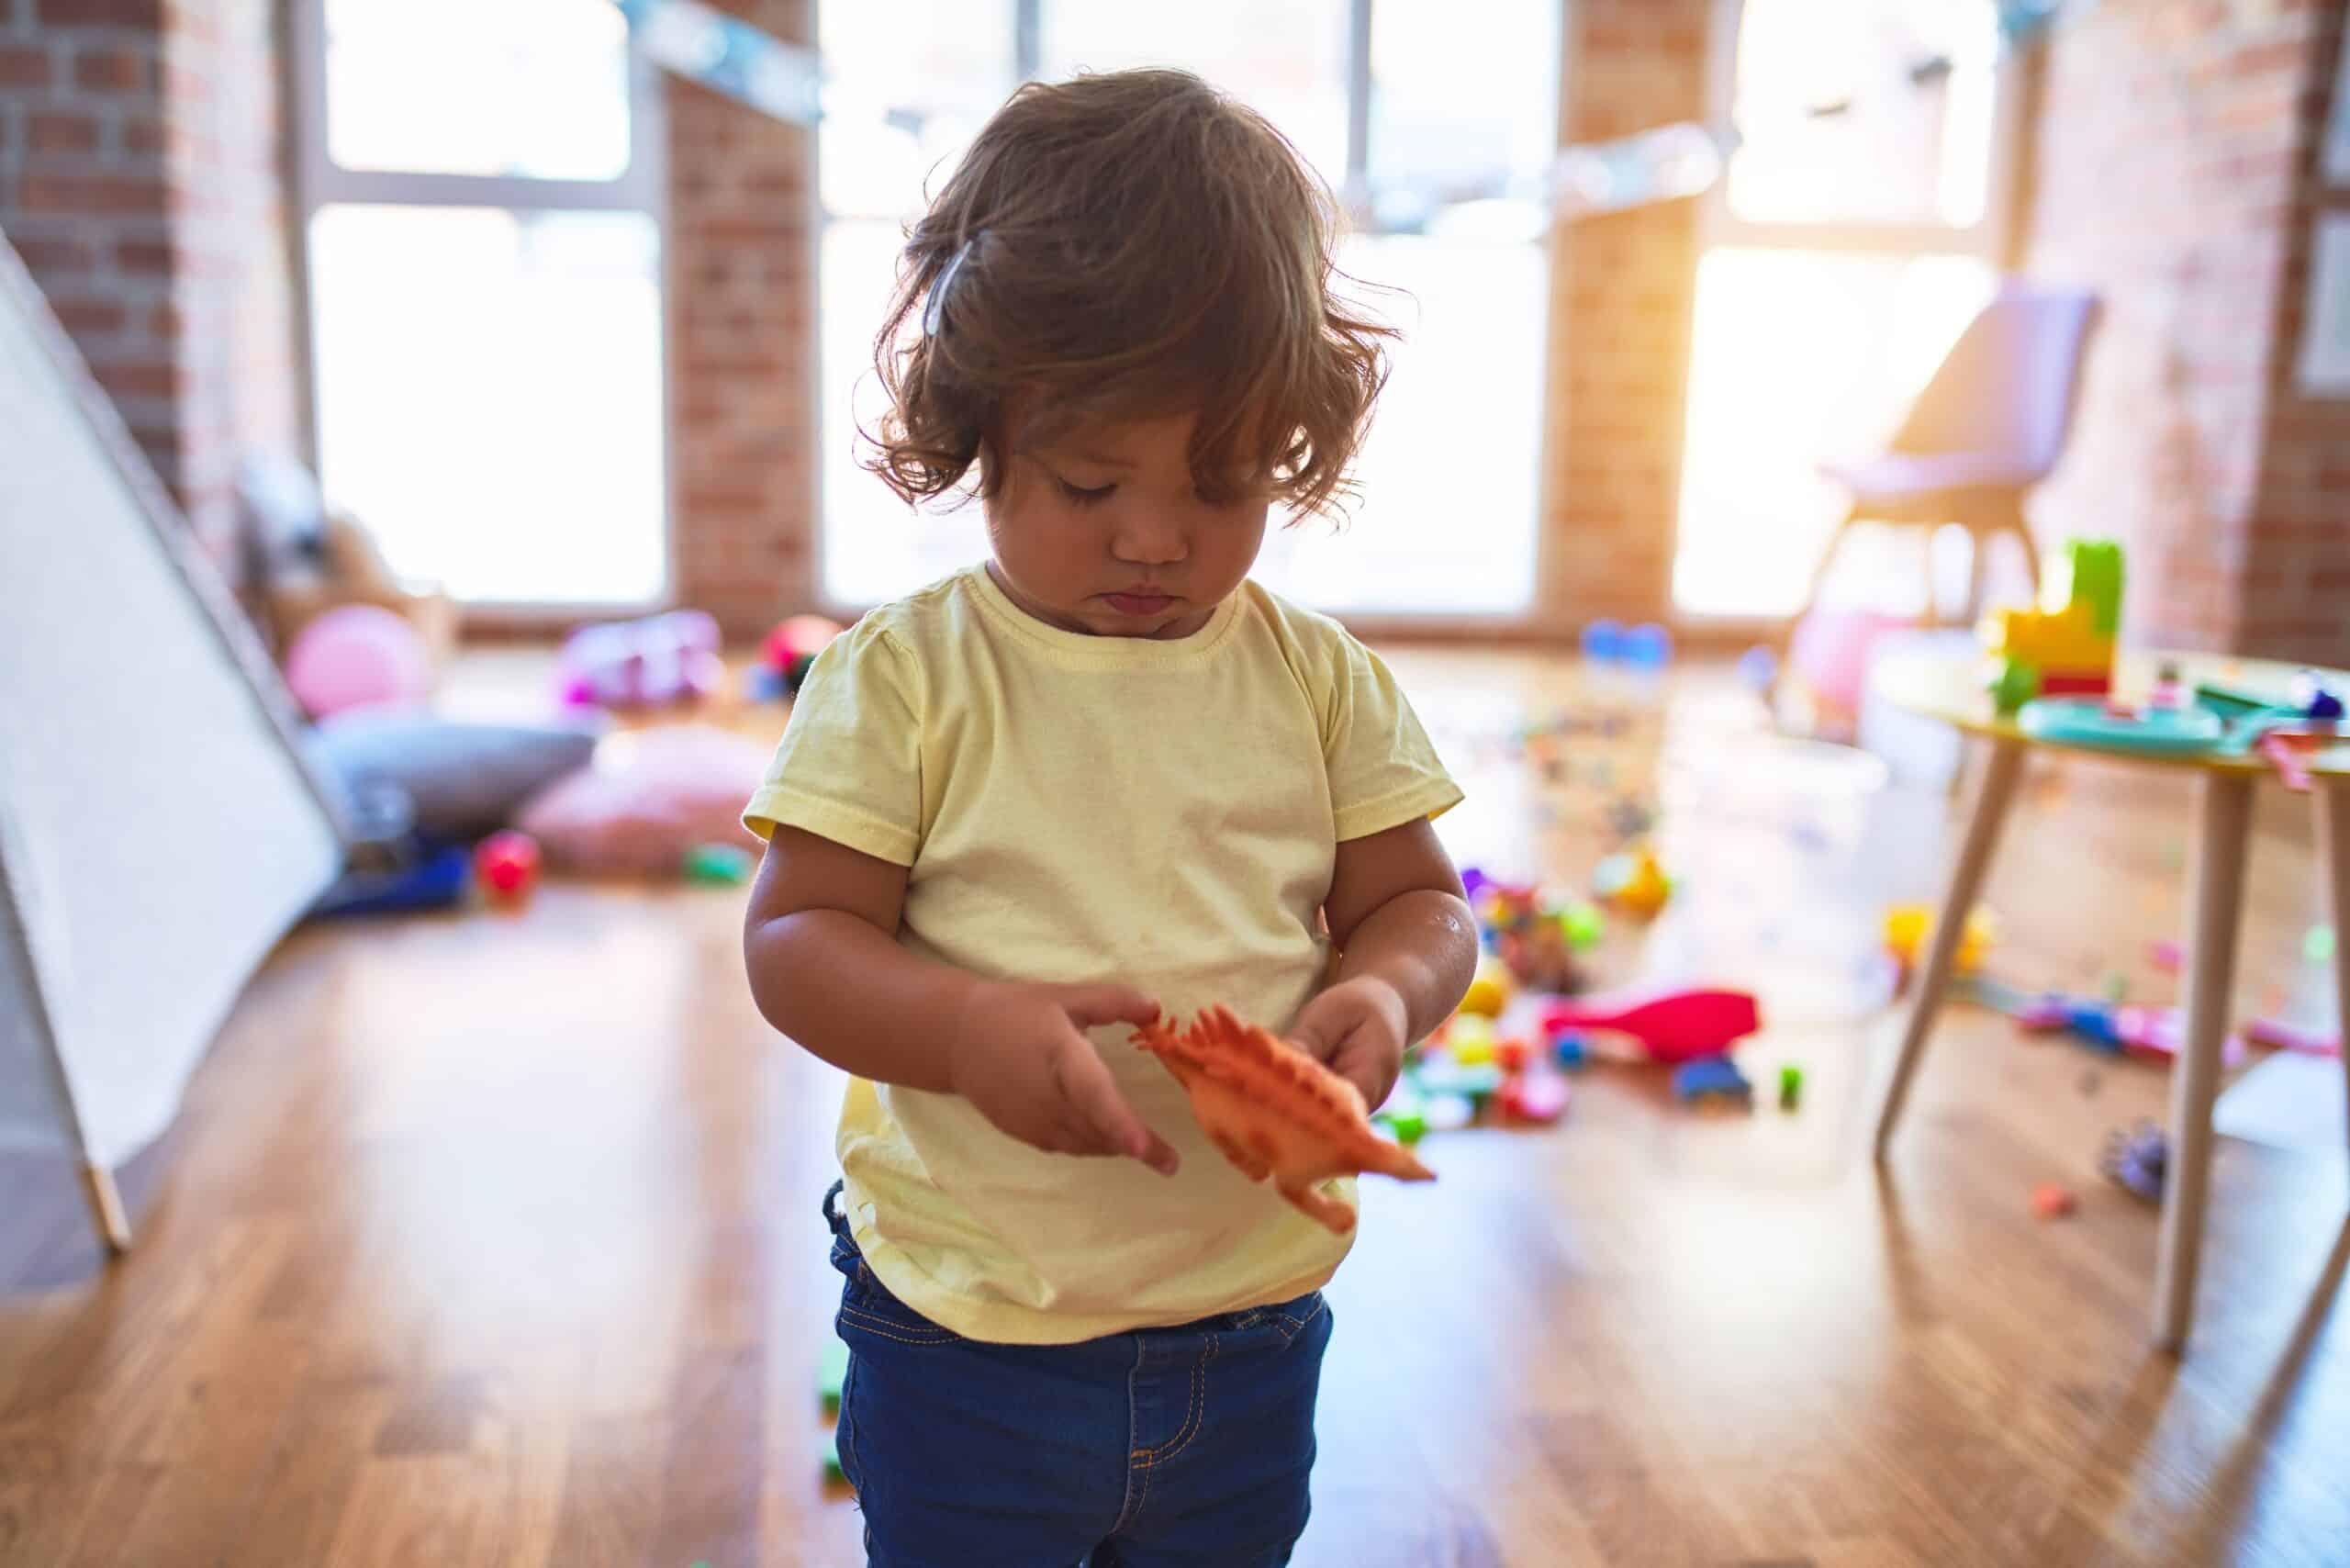 Five Ways Children Develop Through Play